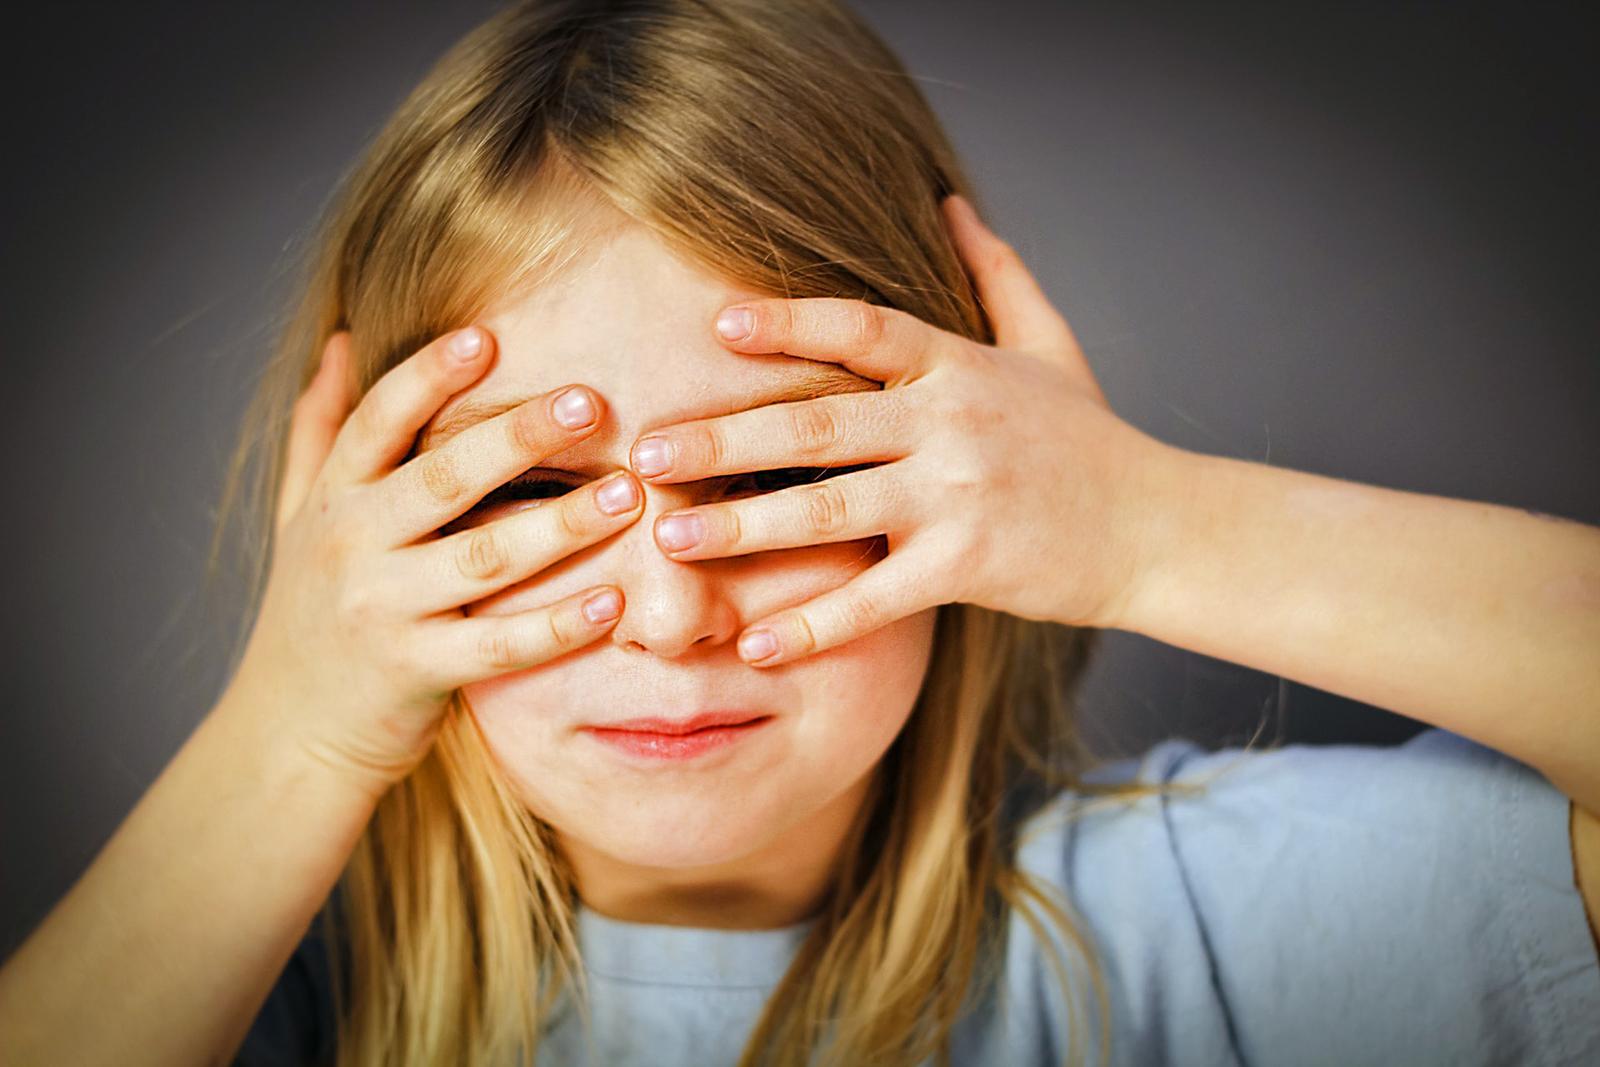 Criança a ver através dos dedos das mãos.